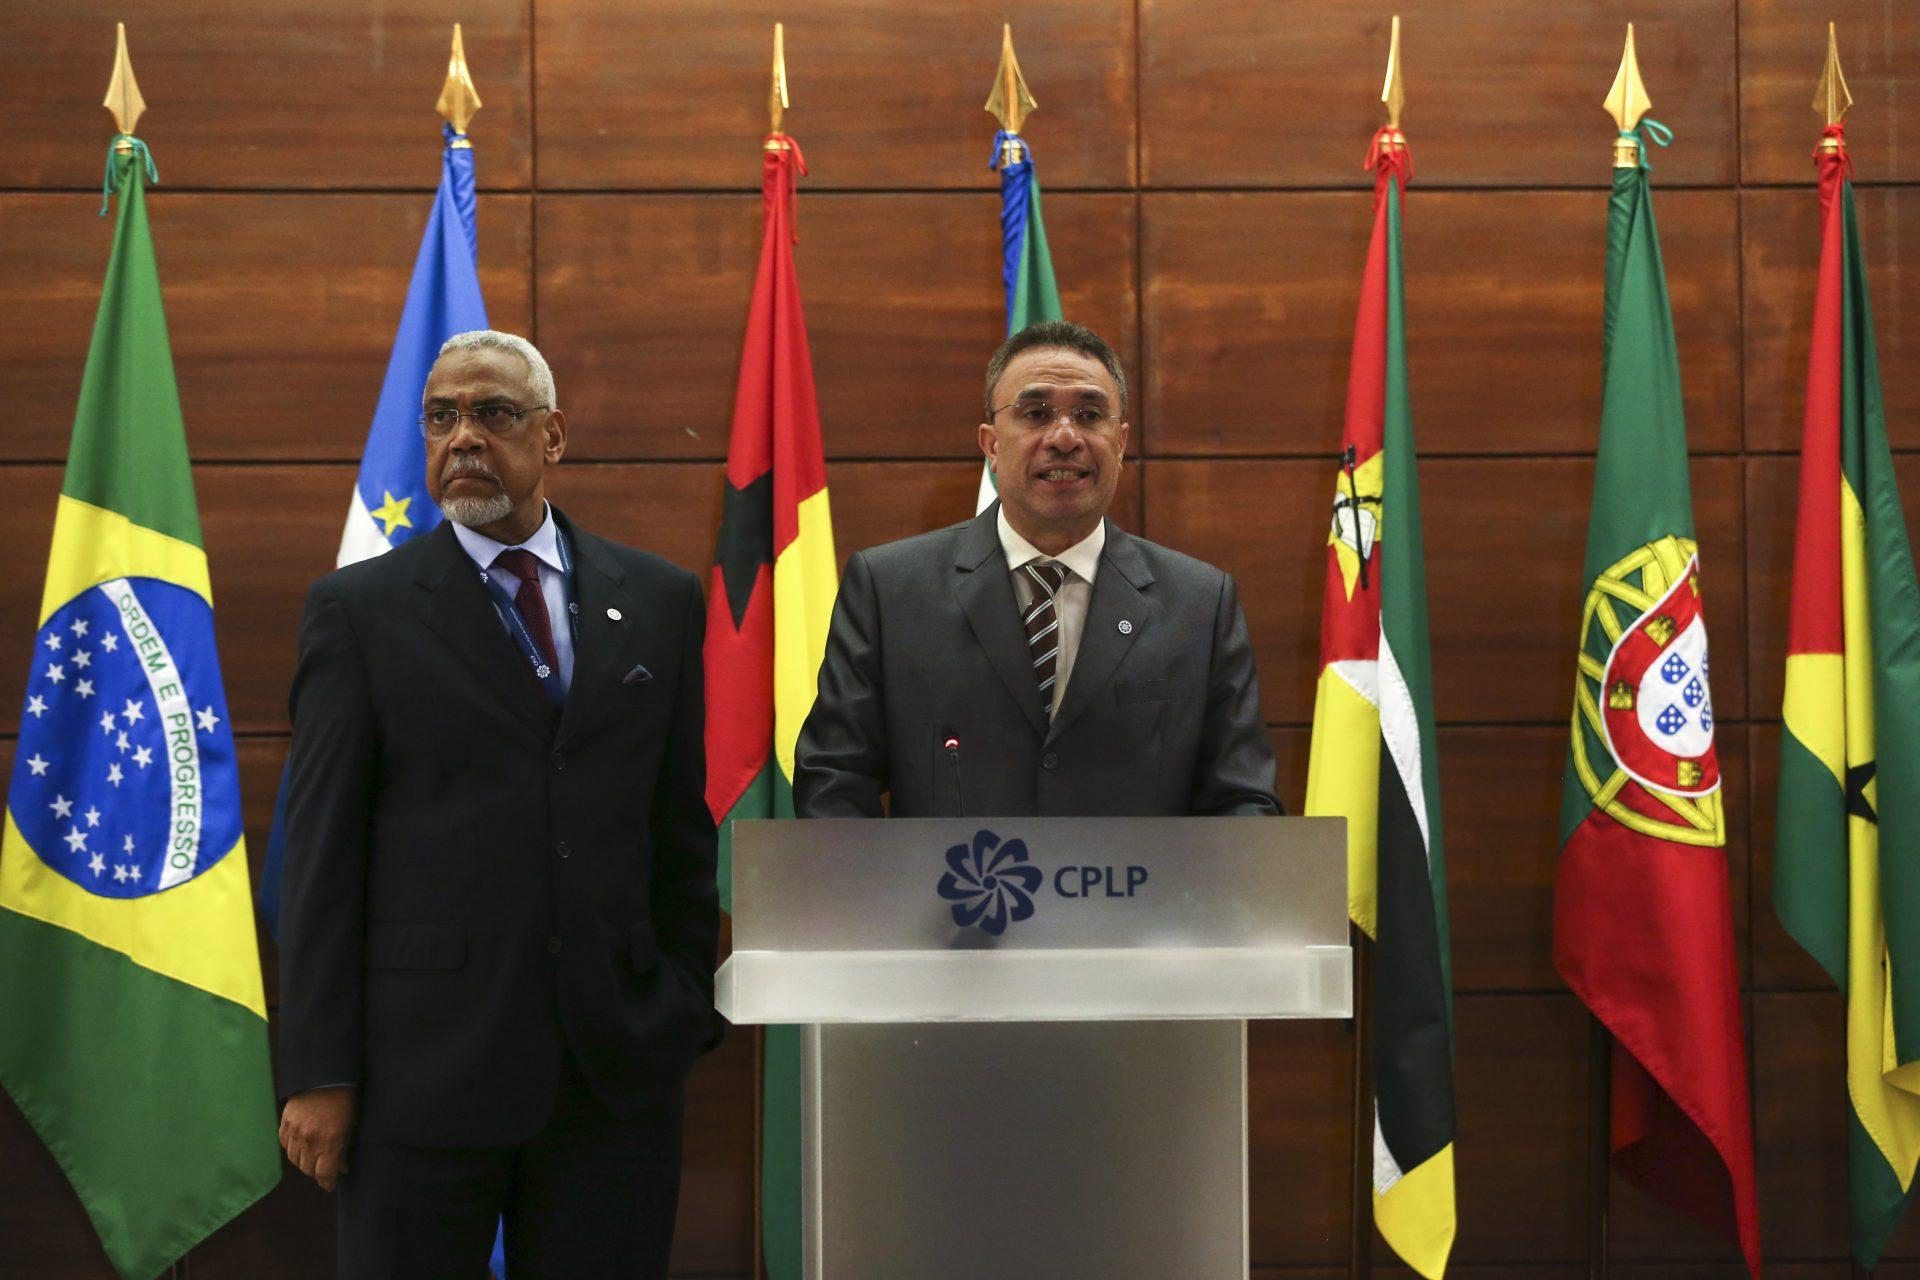 Hernani Coelho (D), ministro dos Negócios Estrangeiros de Timor-Leste e o secretário-geral da Comunidade de Países de Língua Portuguesa (CPLP), Murade Murargy (E), durante a XIV Reunião Extraordinária do Conselho de Ministros da CPLP, na sede da CPLP, em Lisboa, 17 de março de 2016. MANUEL DE ALMEIDA/LUSA